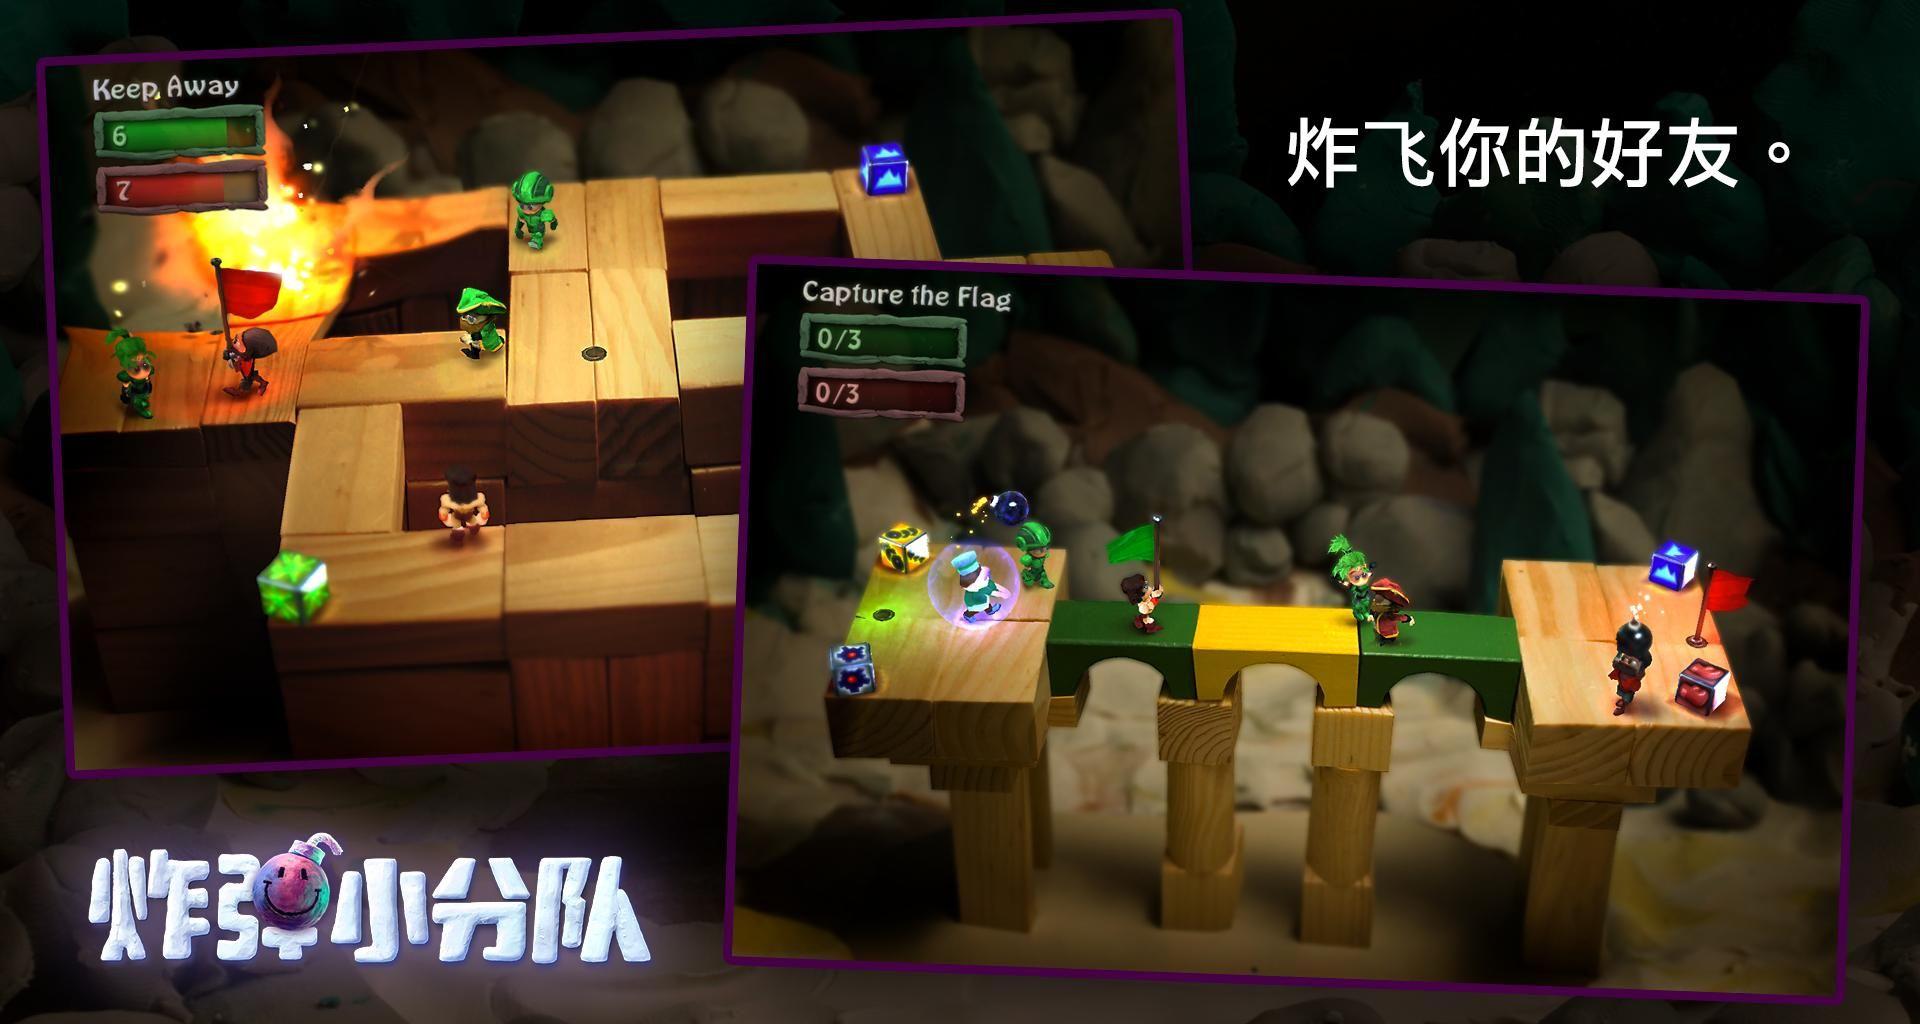 炸弹小分队游戏免费修改中文版下载图2: